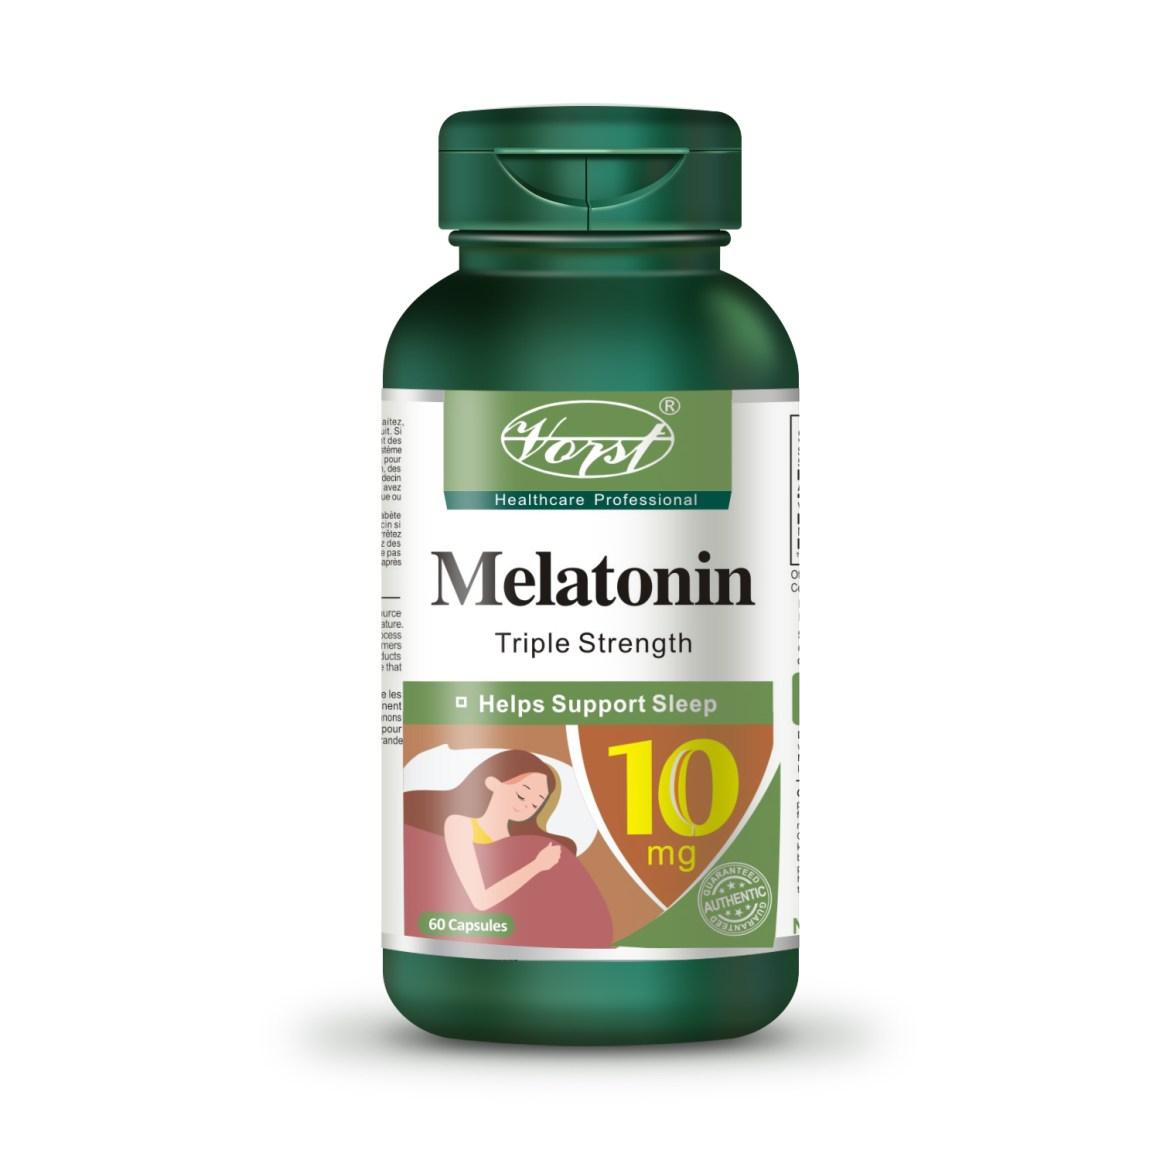 Melatonin 10mg vitamin b12 60 capsules front bottle